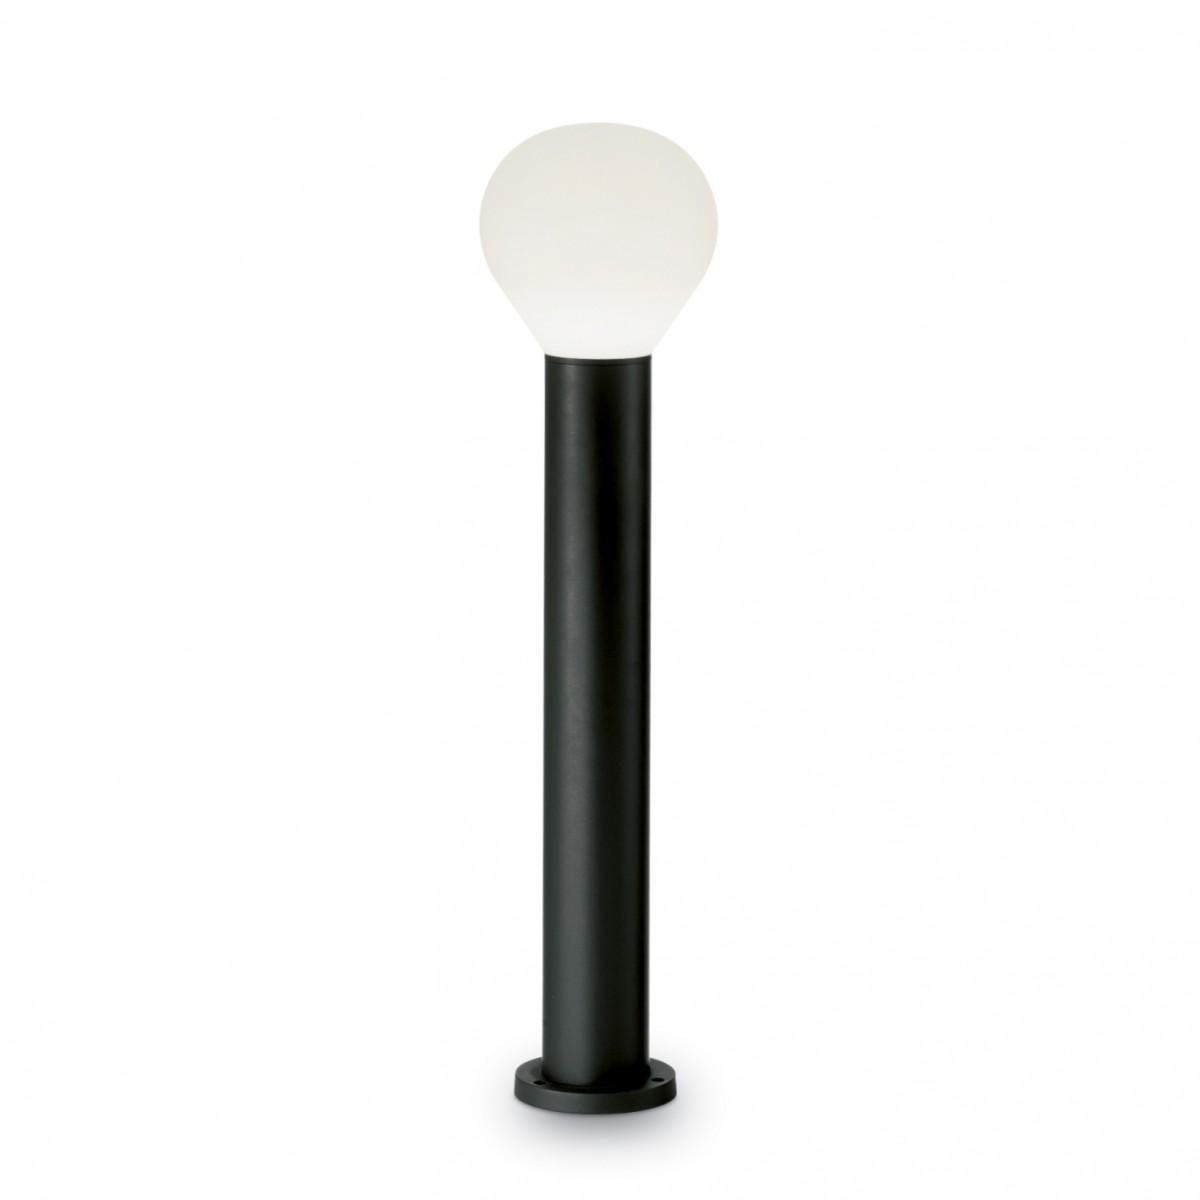 venkovní sloupek Ideal Lux Clio H60 PT1 135397 1x60W E27 - komplexní osvětlení exterieru